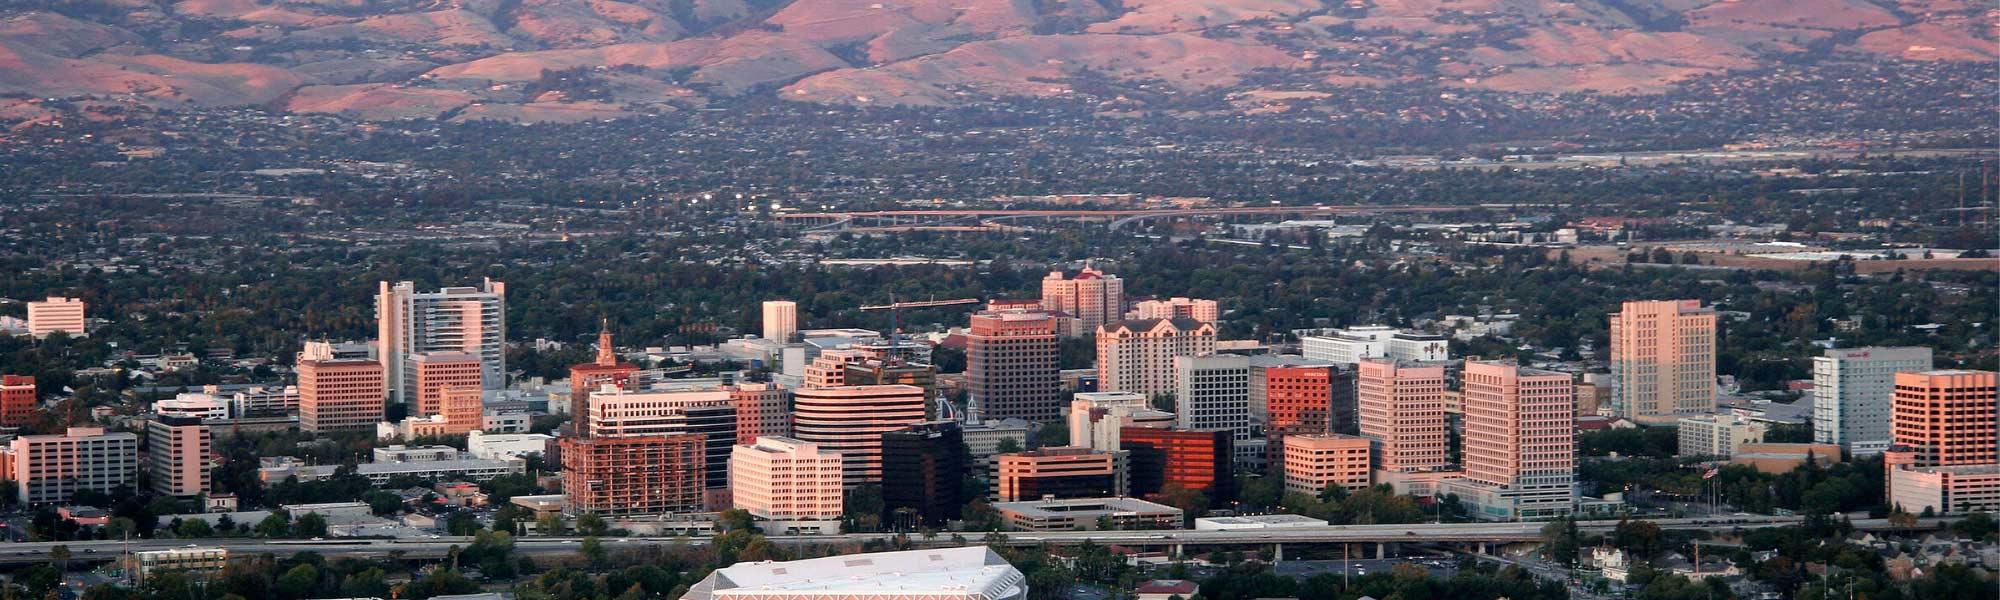 San Jose City View